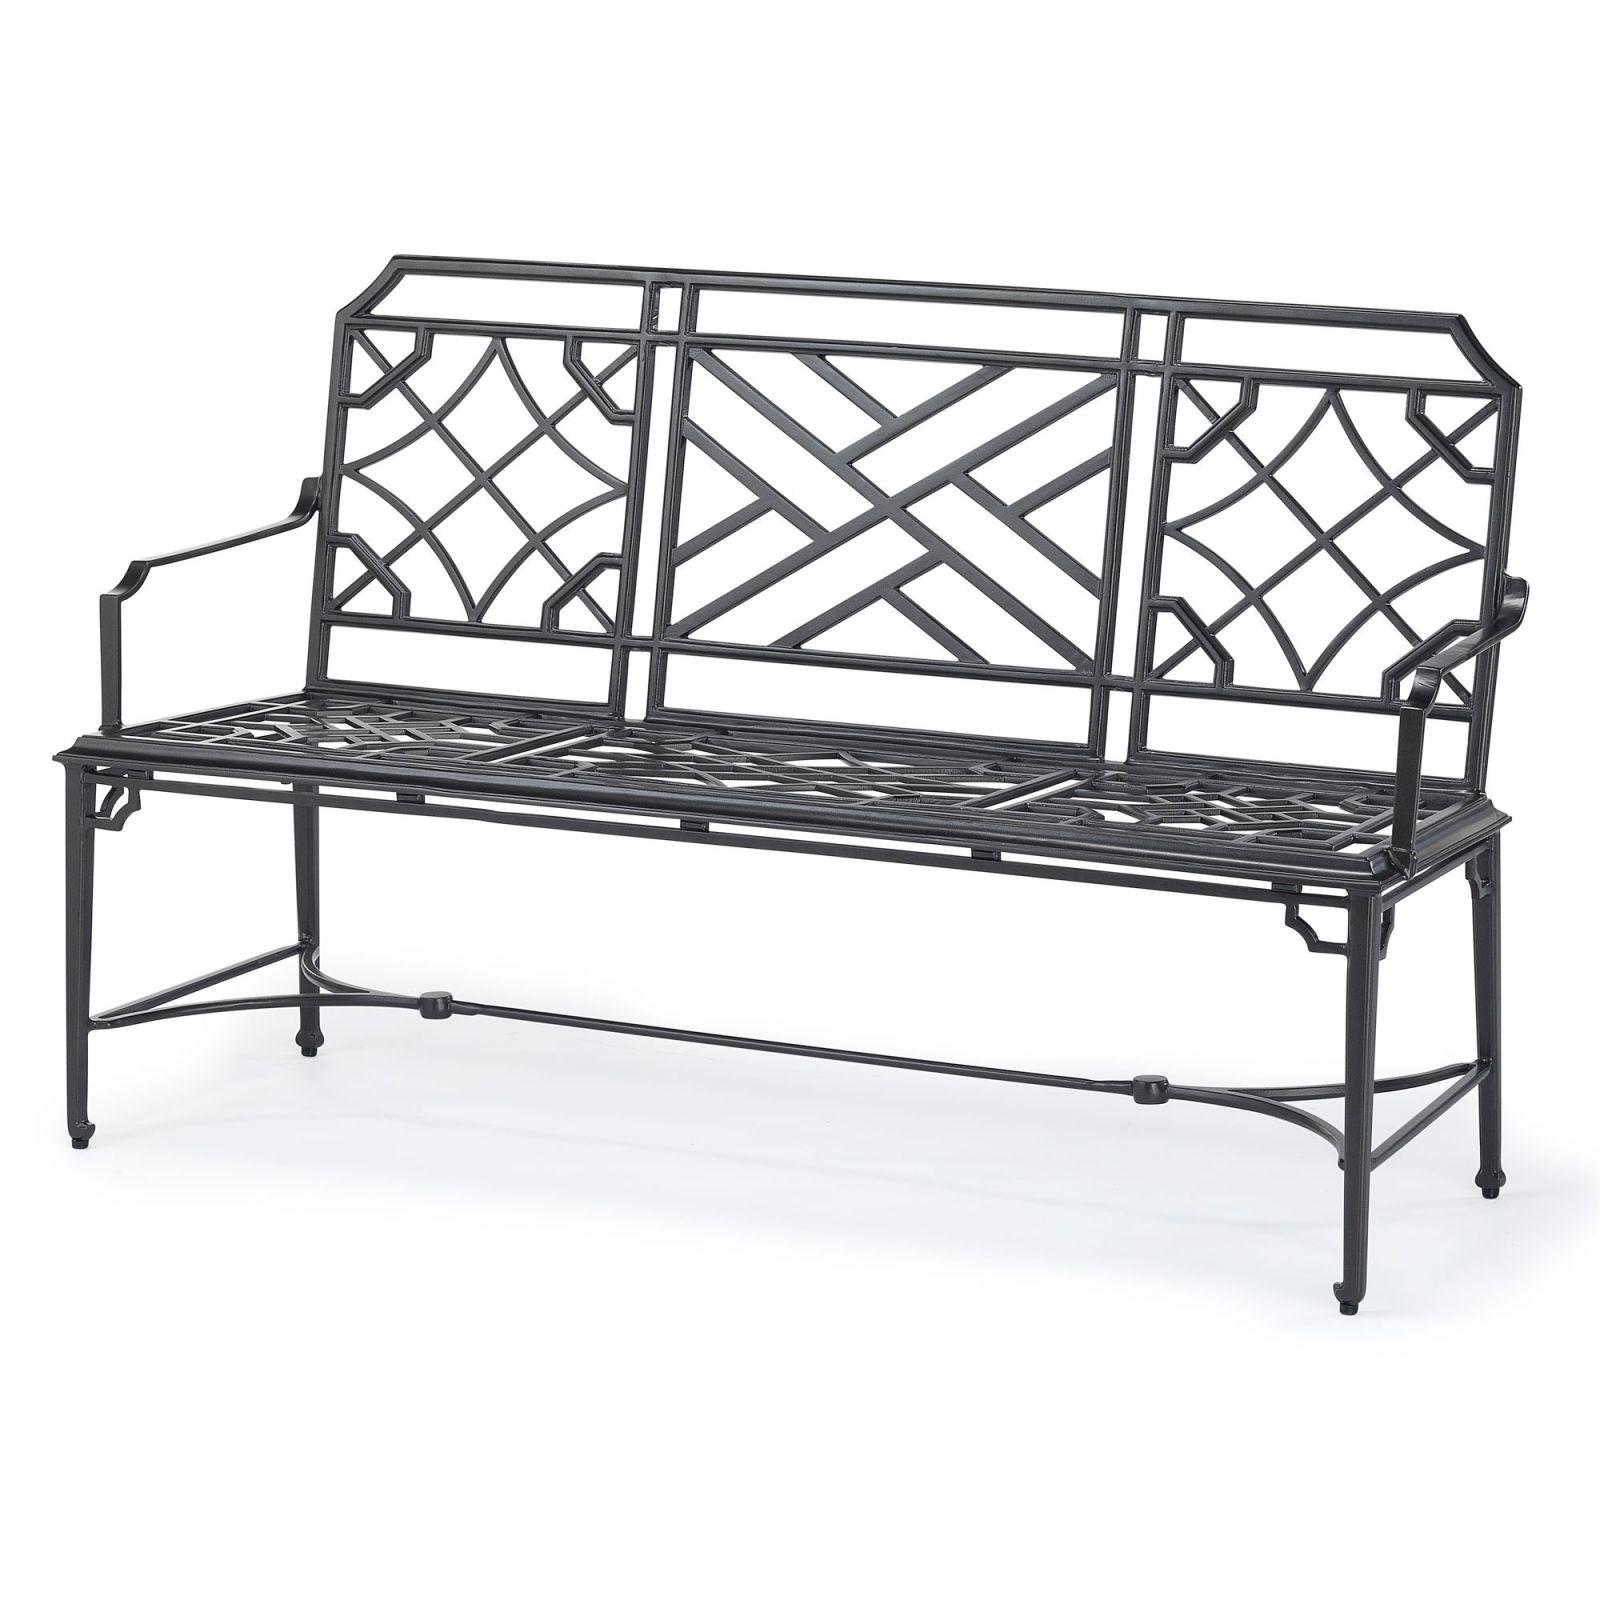 Rissington metal garden bench